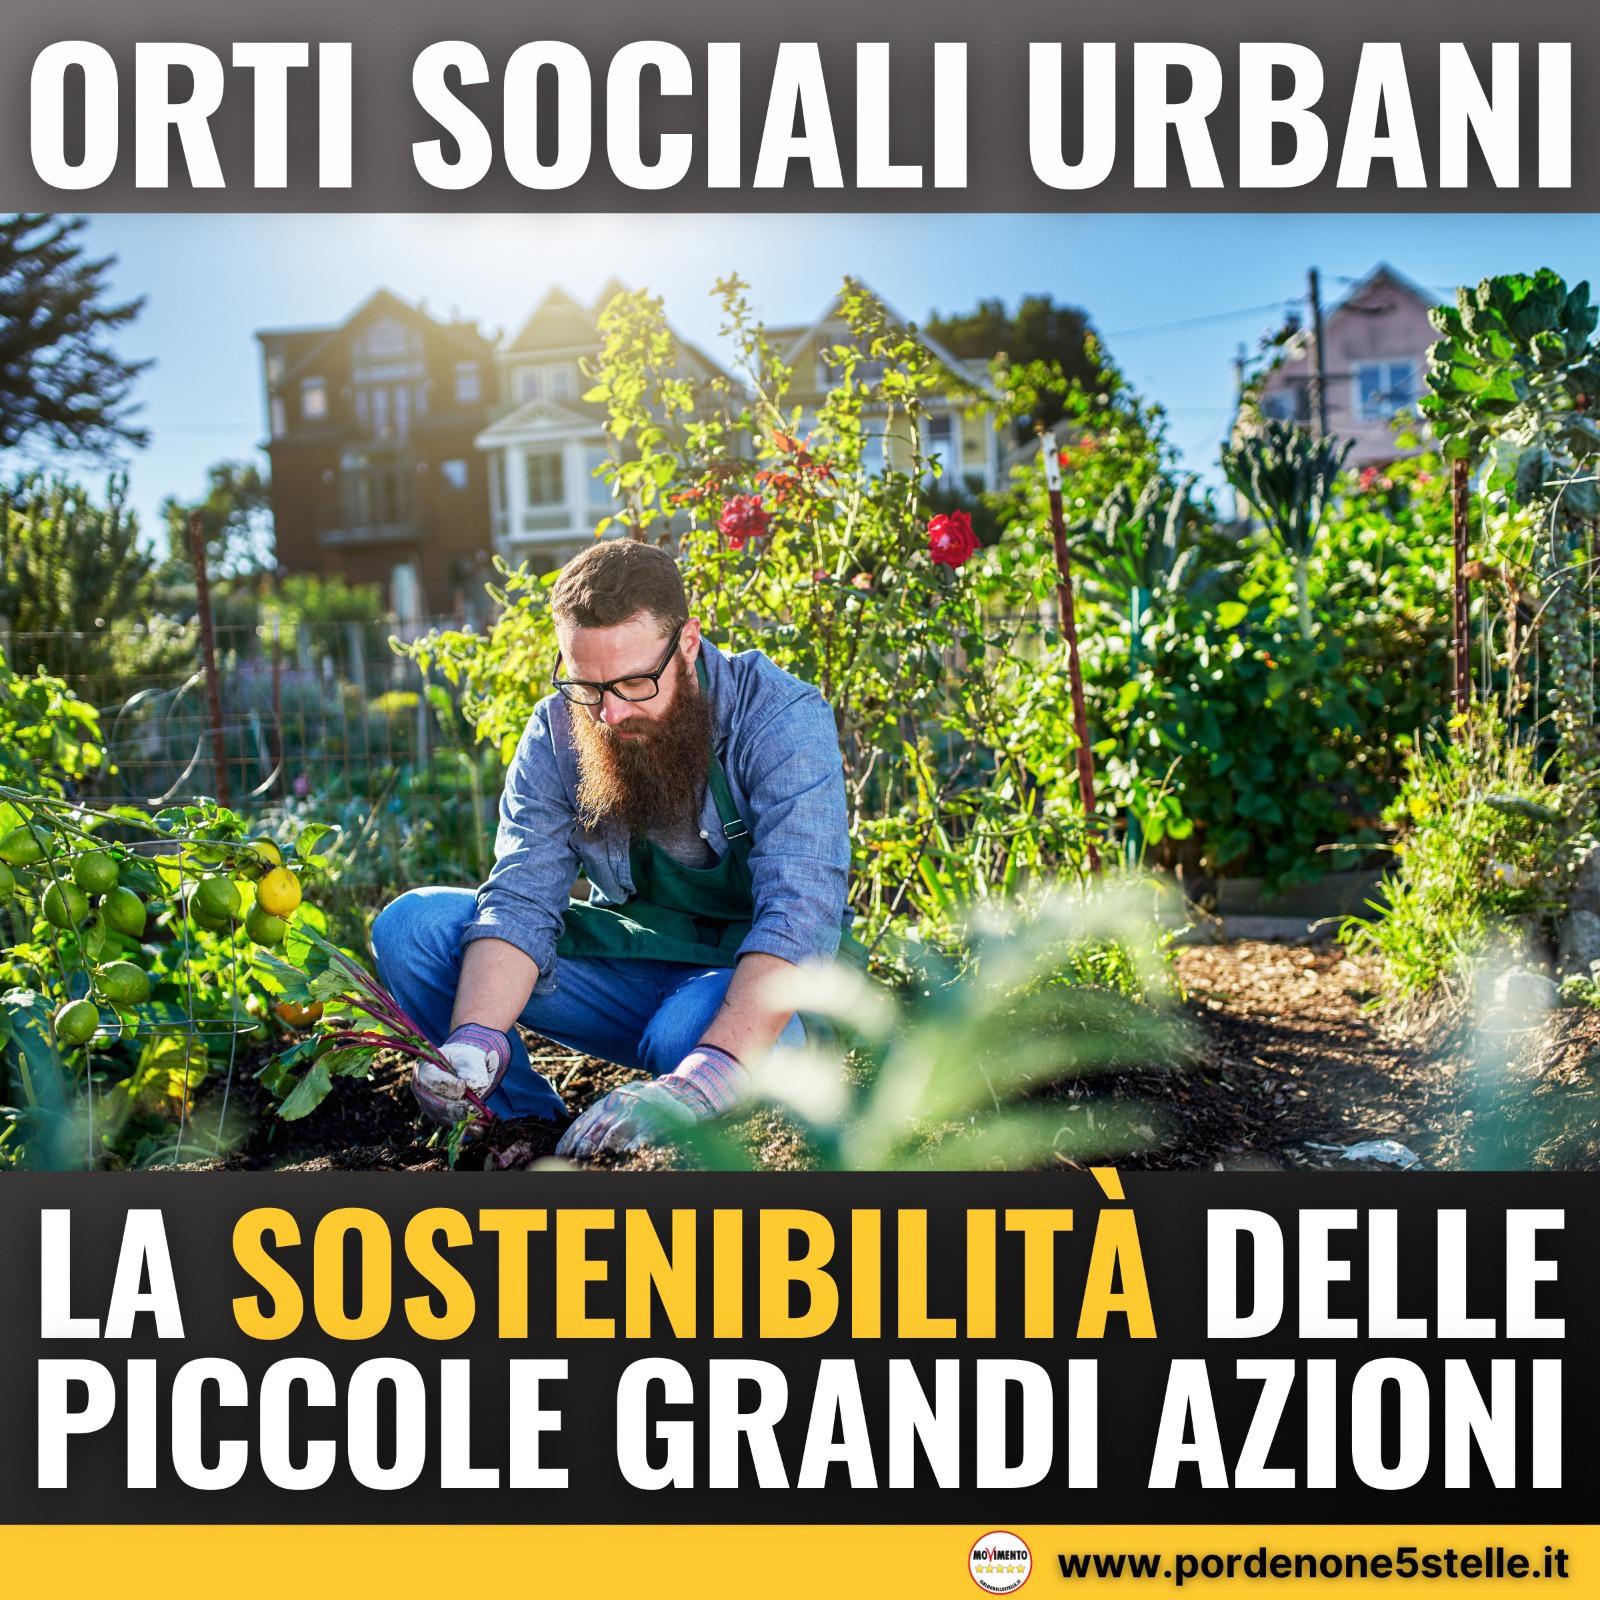 Read more about the article ORTI SOCIALI URBANI: LA SOSTENIBILITA' DELLE PICCOLE GRANDI AZIONI.